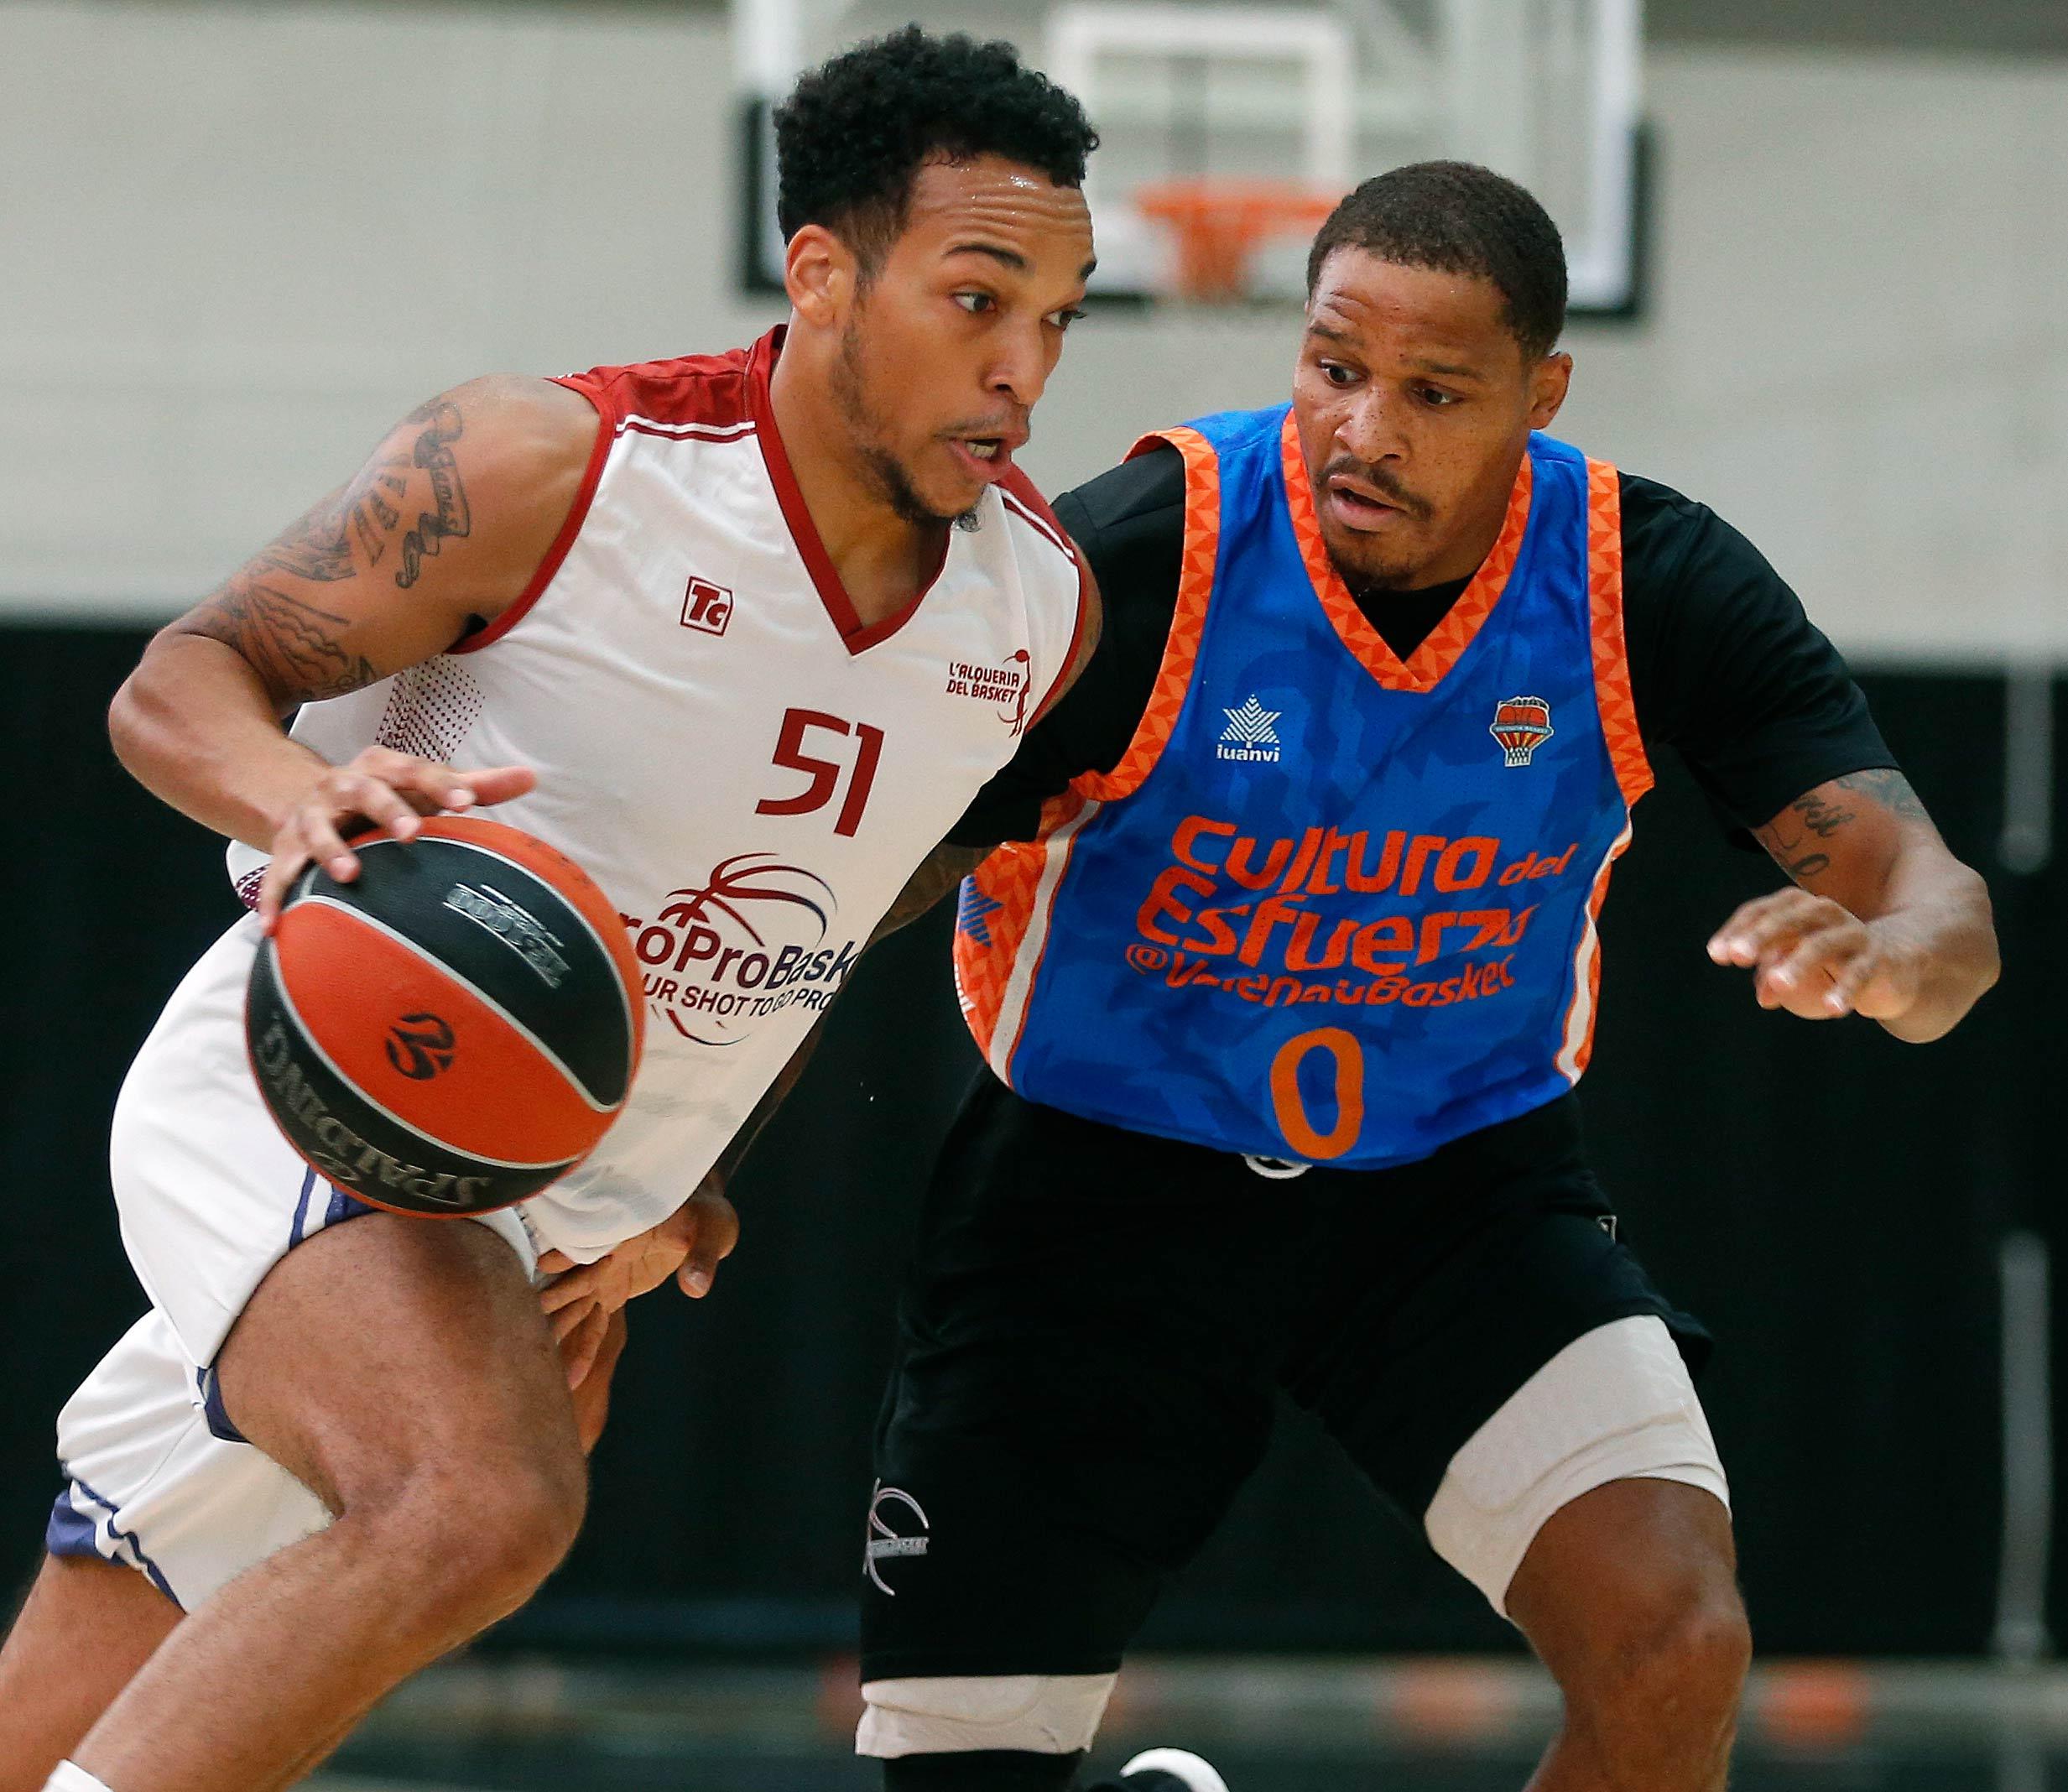 Europrobasket D'Ondre Stockman Valencia Basket